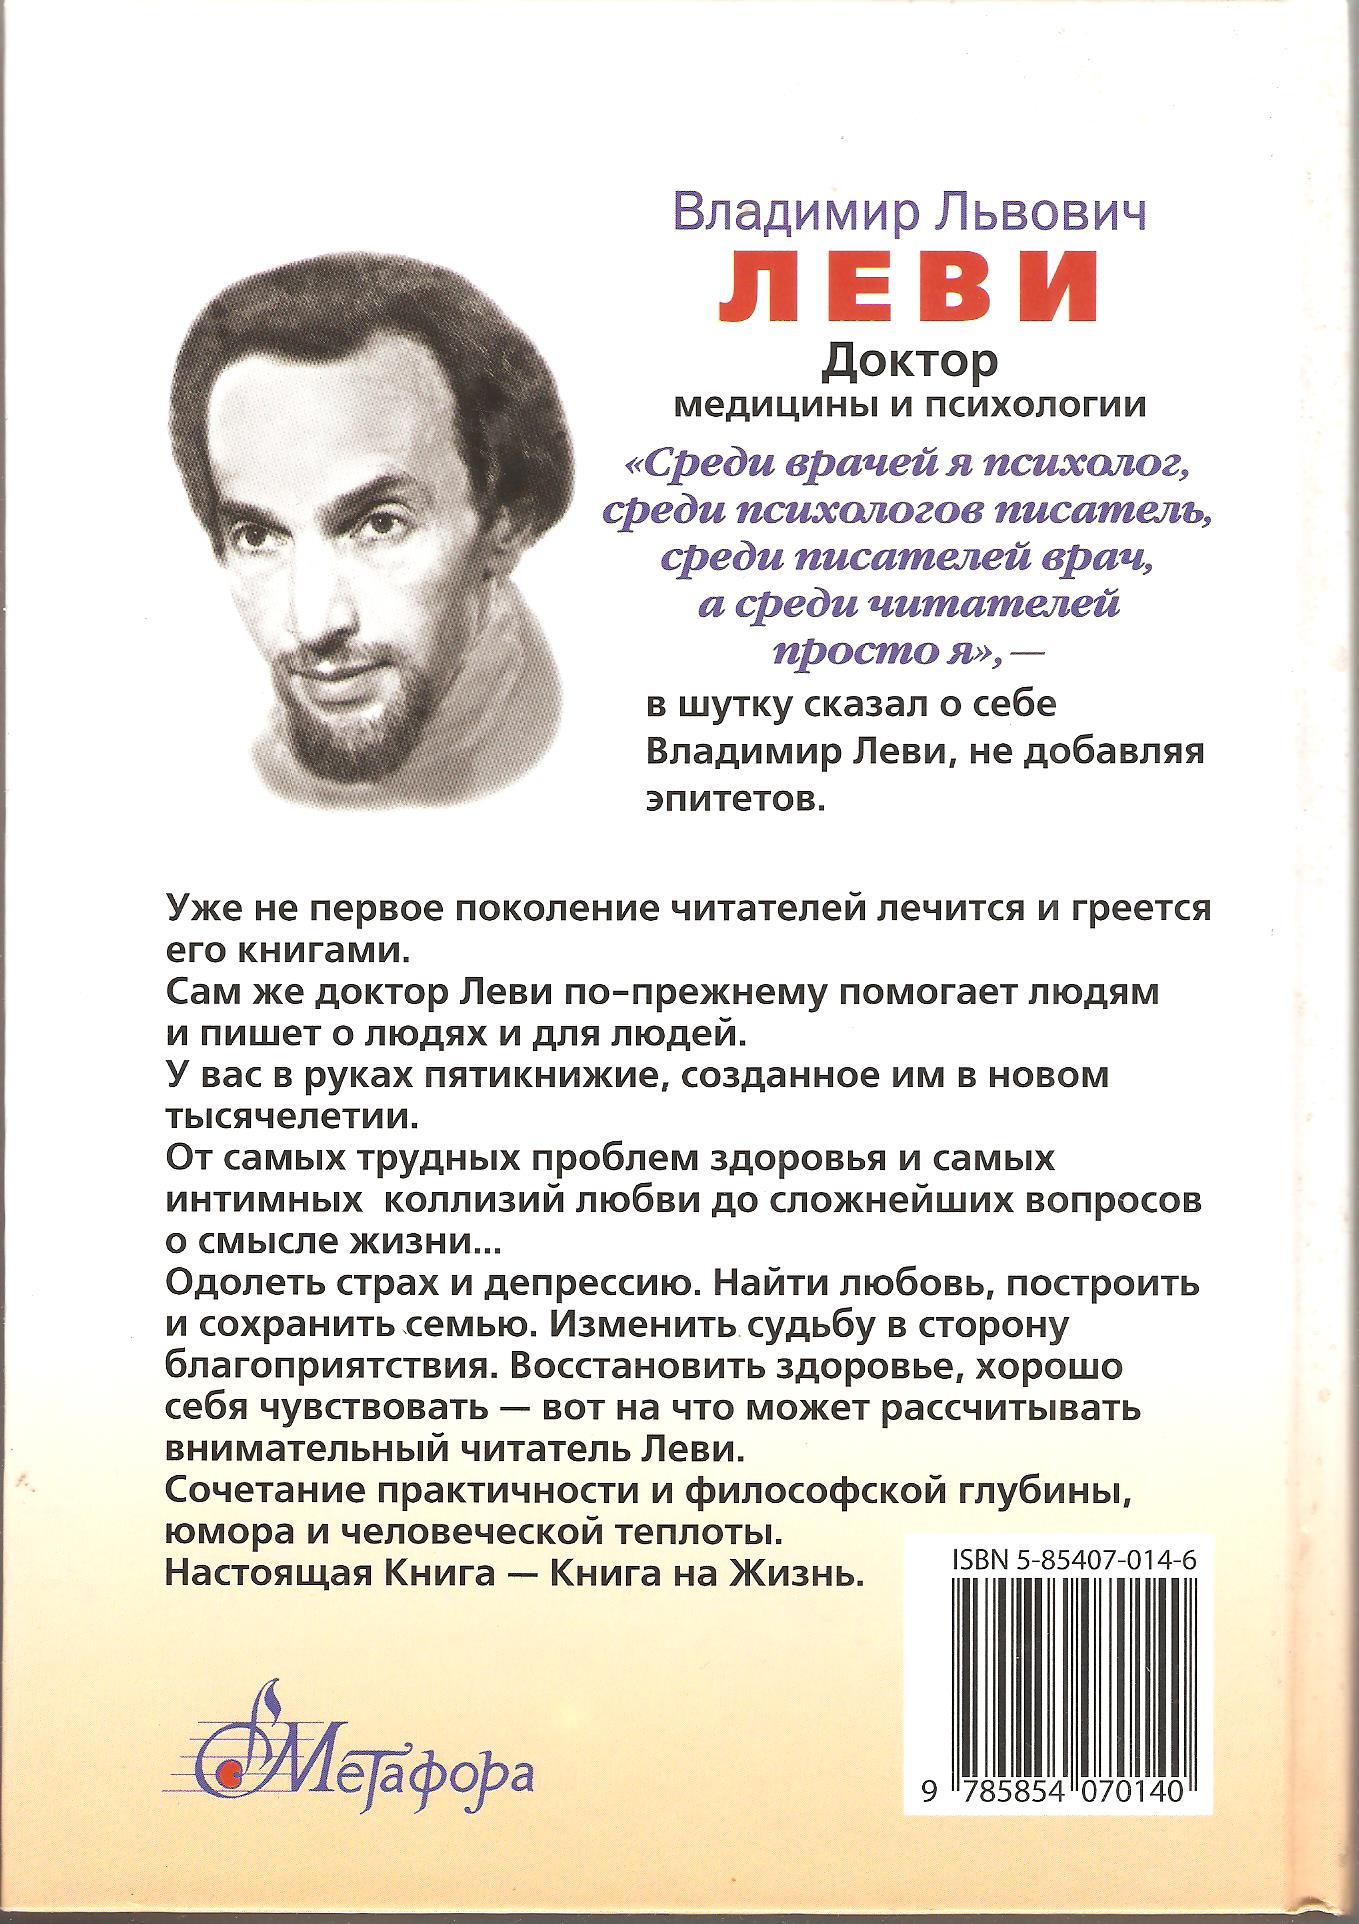 В. Леви. Азбука здравомыслия 002.jpg